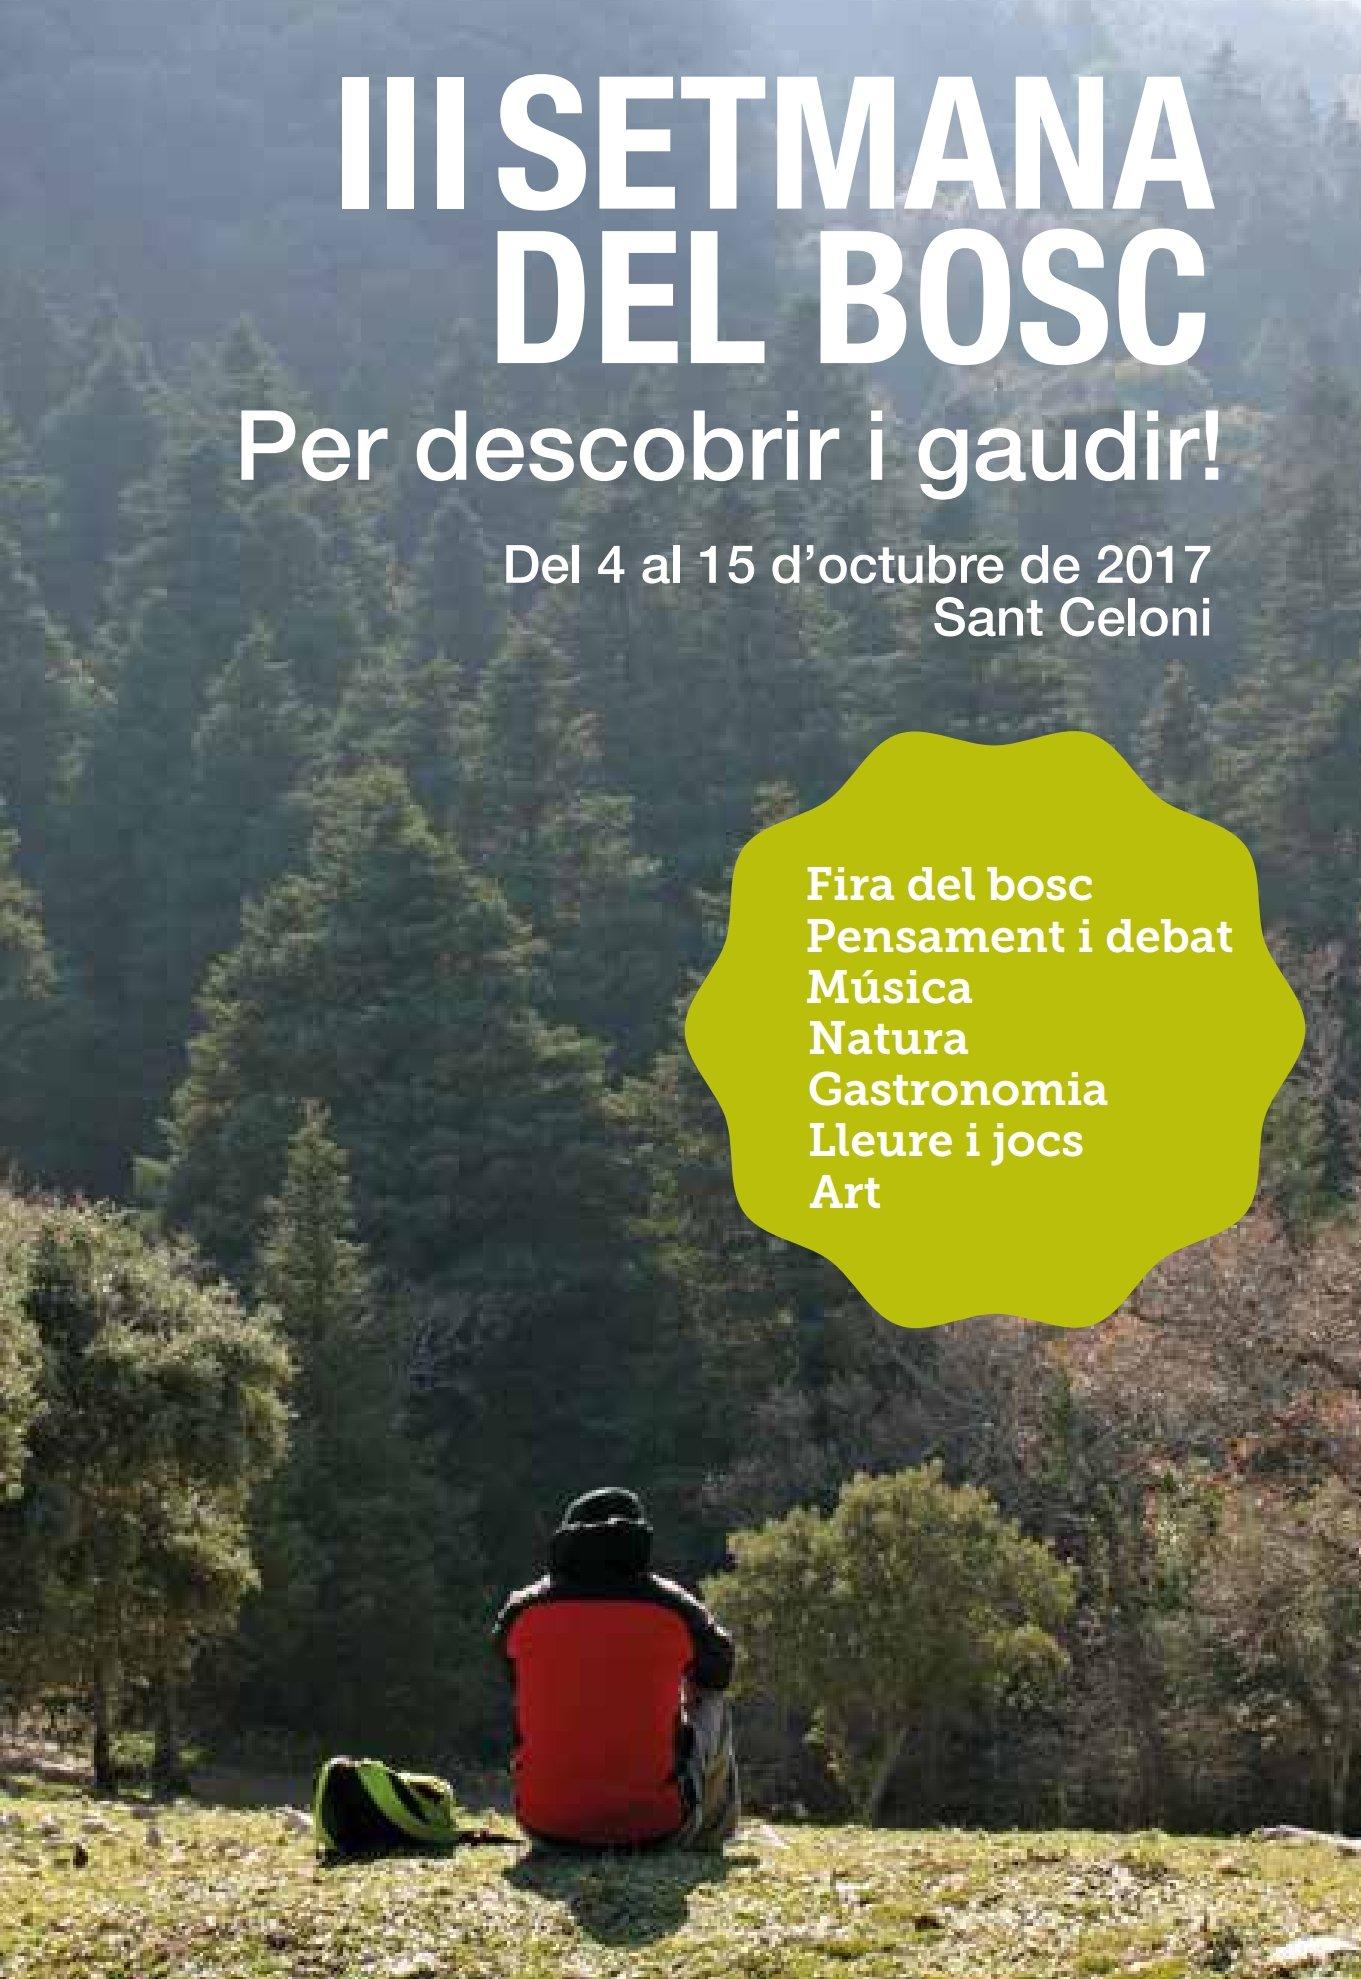 Ja podeu fer un cop d'ull al nou programa de la #SetmanadelBosc de #SantCeloni. Acabat de sortir del forn! ���� https://t.co/N9foF5pJ8n